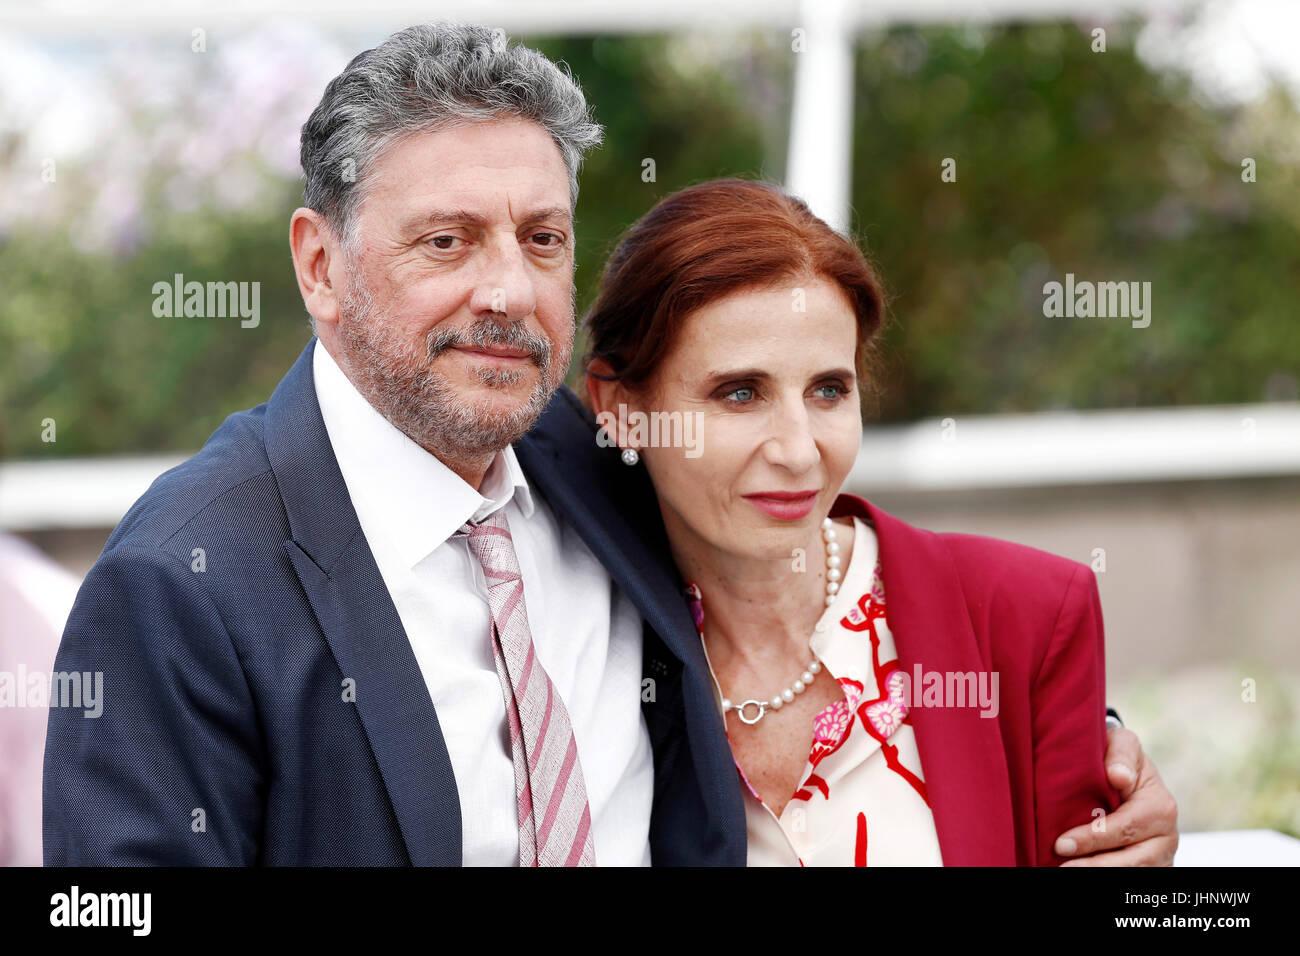 CANNES, Francia - 21 de mayo: Sergio Castellitto y Margaret Mazzantini asistir a la 'Fortunata' Photo-call Imagen De Stock